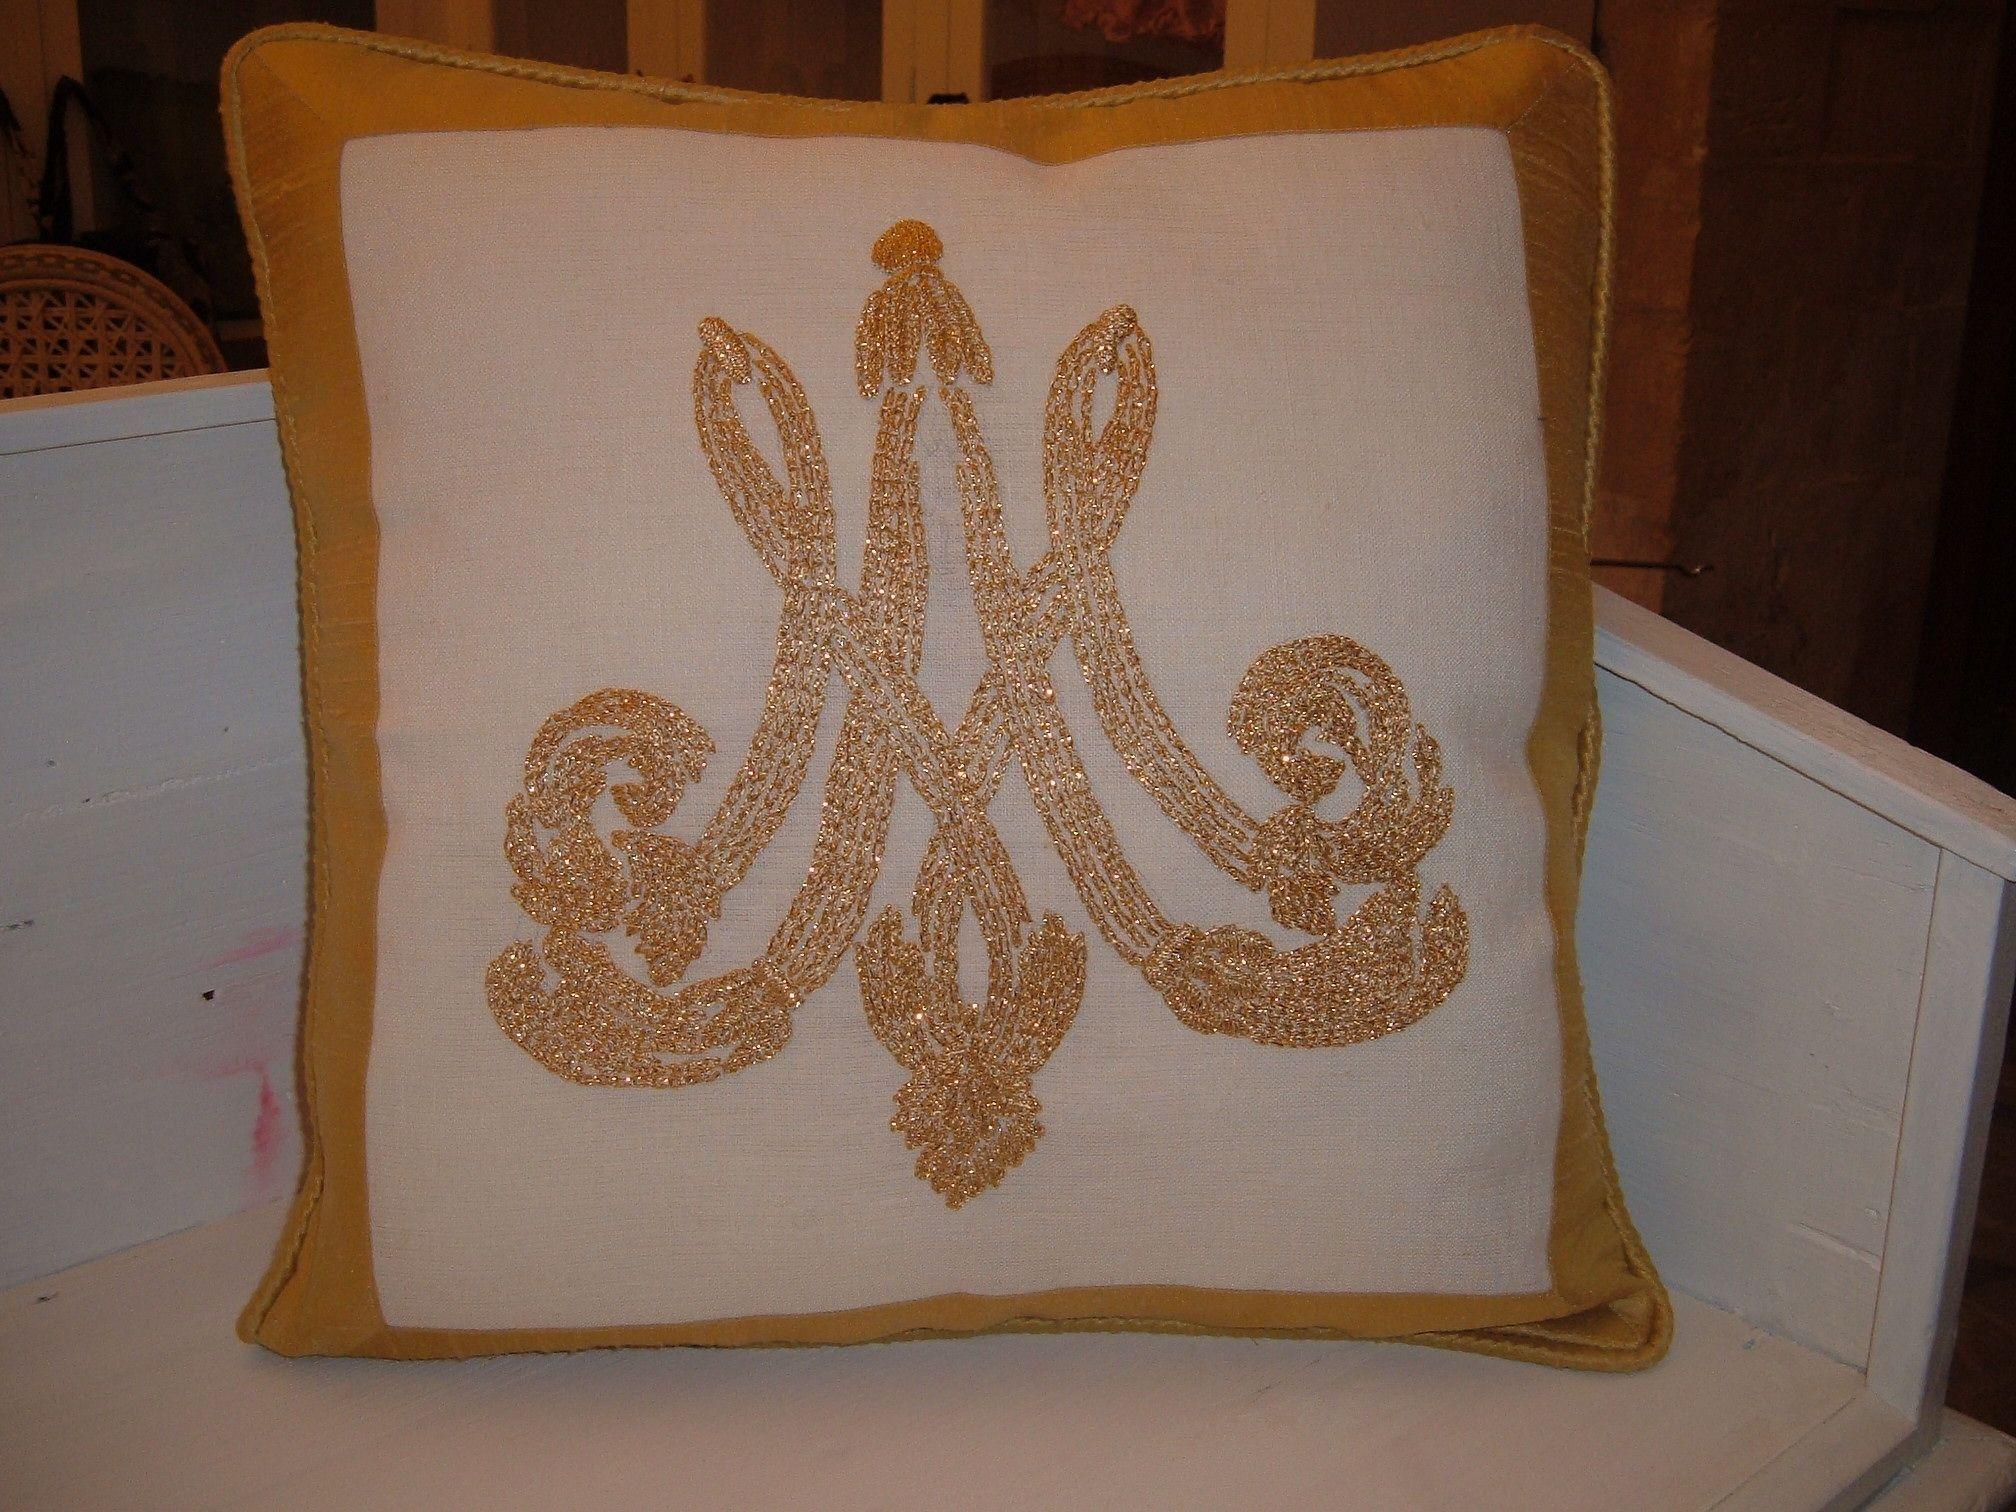 Cuscino barocco con monogramma monocromatico oro.